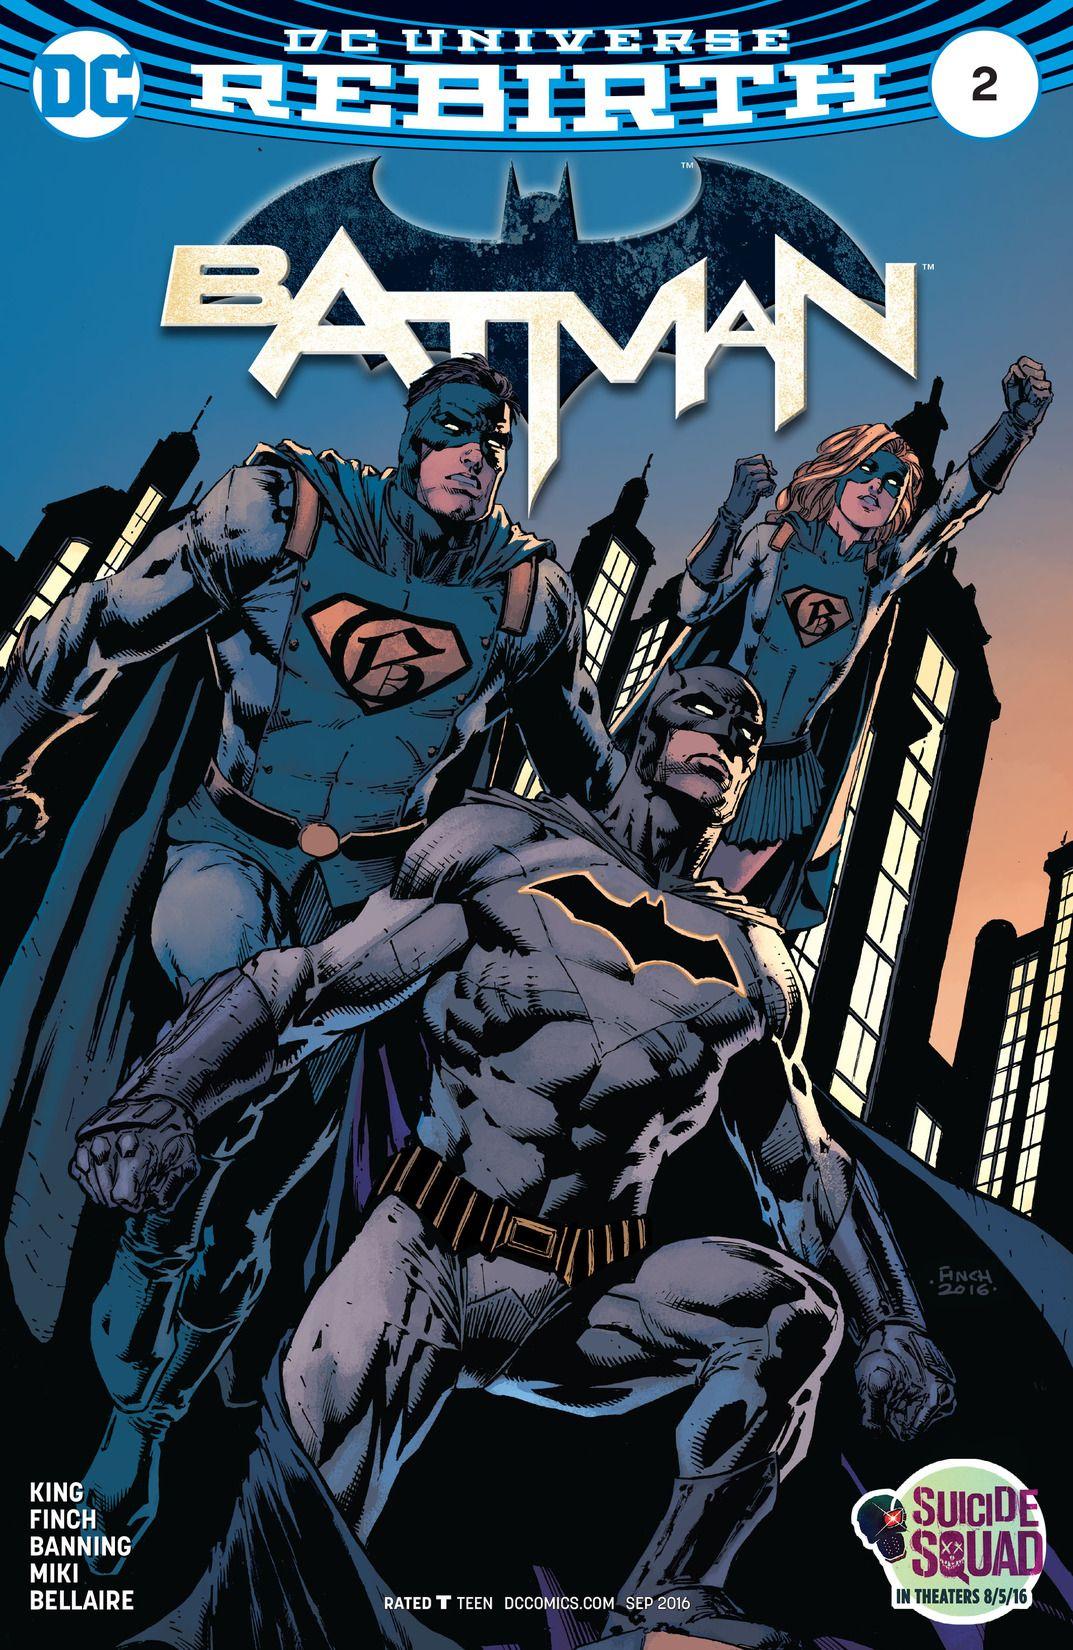 Batman REBIRTH #2 from 2016